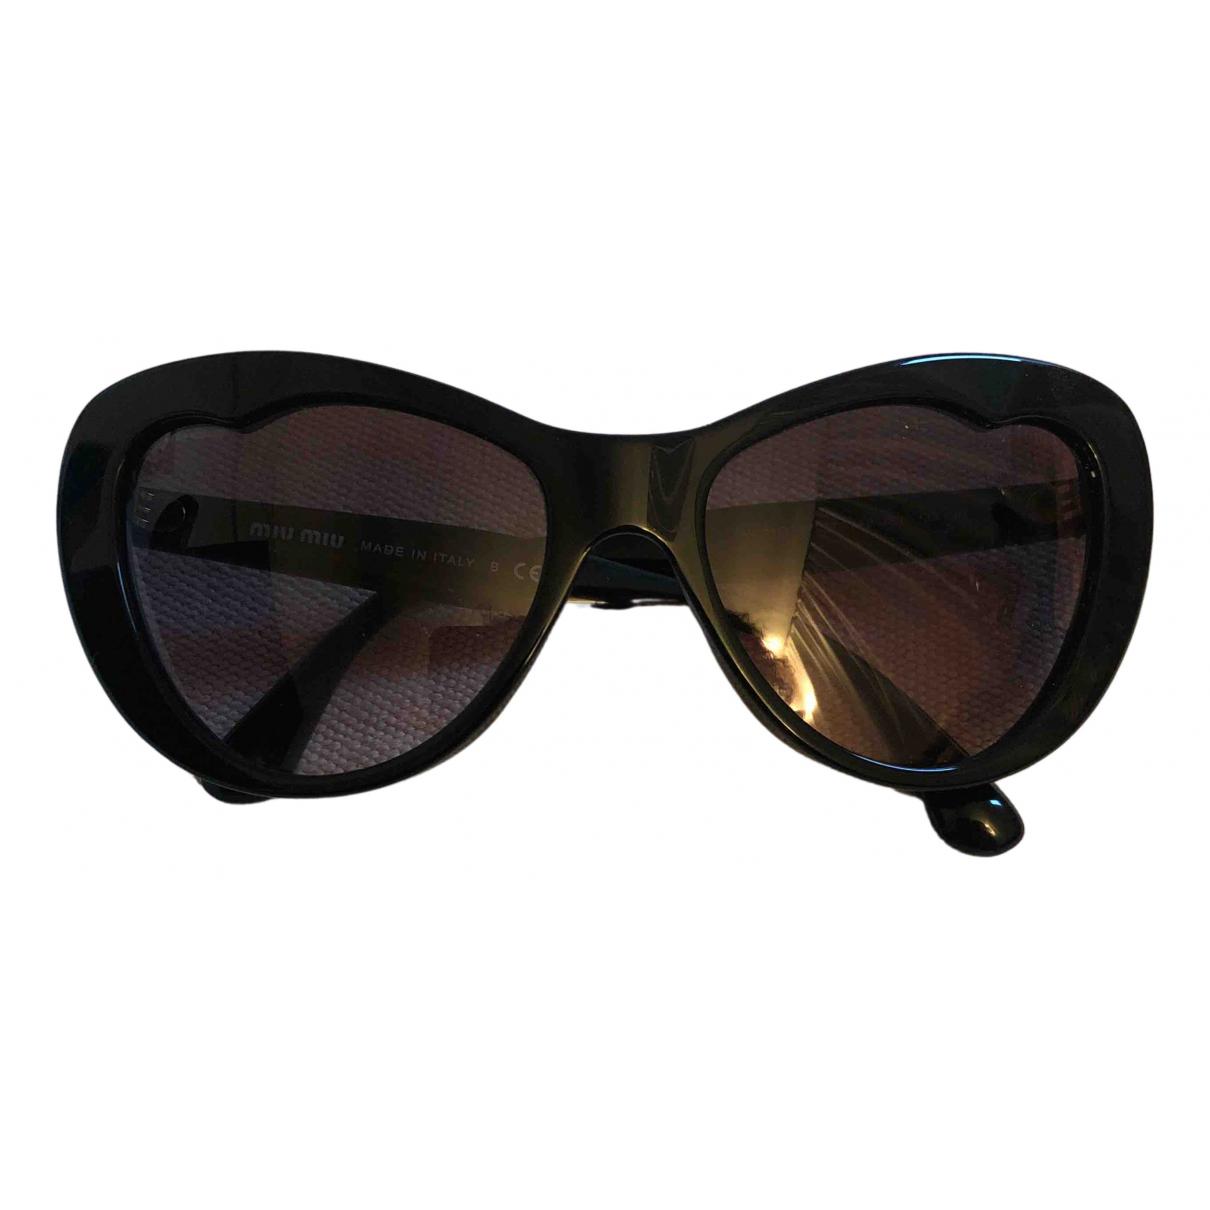 Miu Miu N Black Sunglasses for Women N